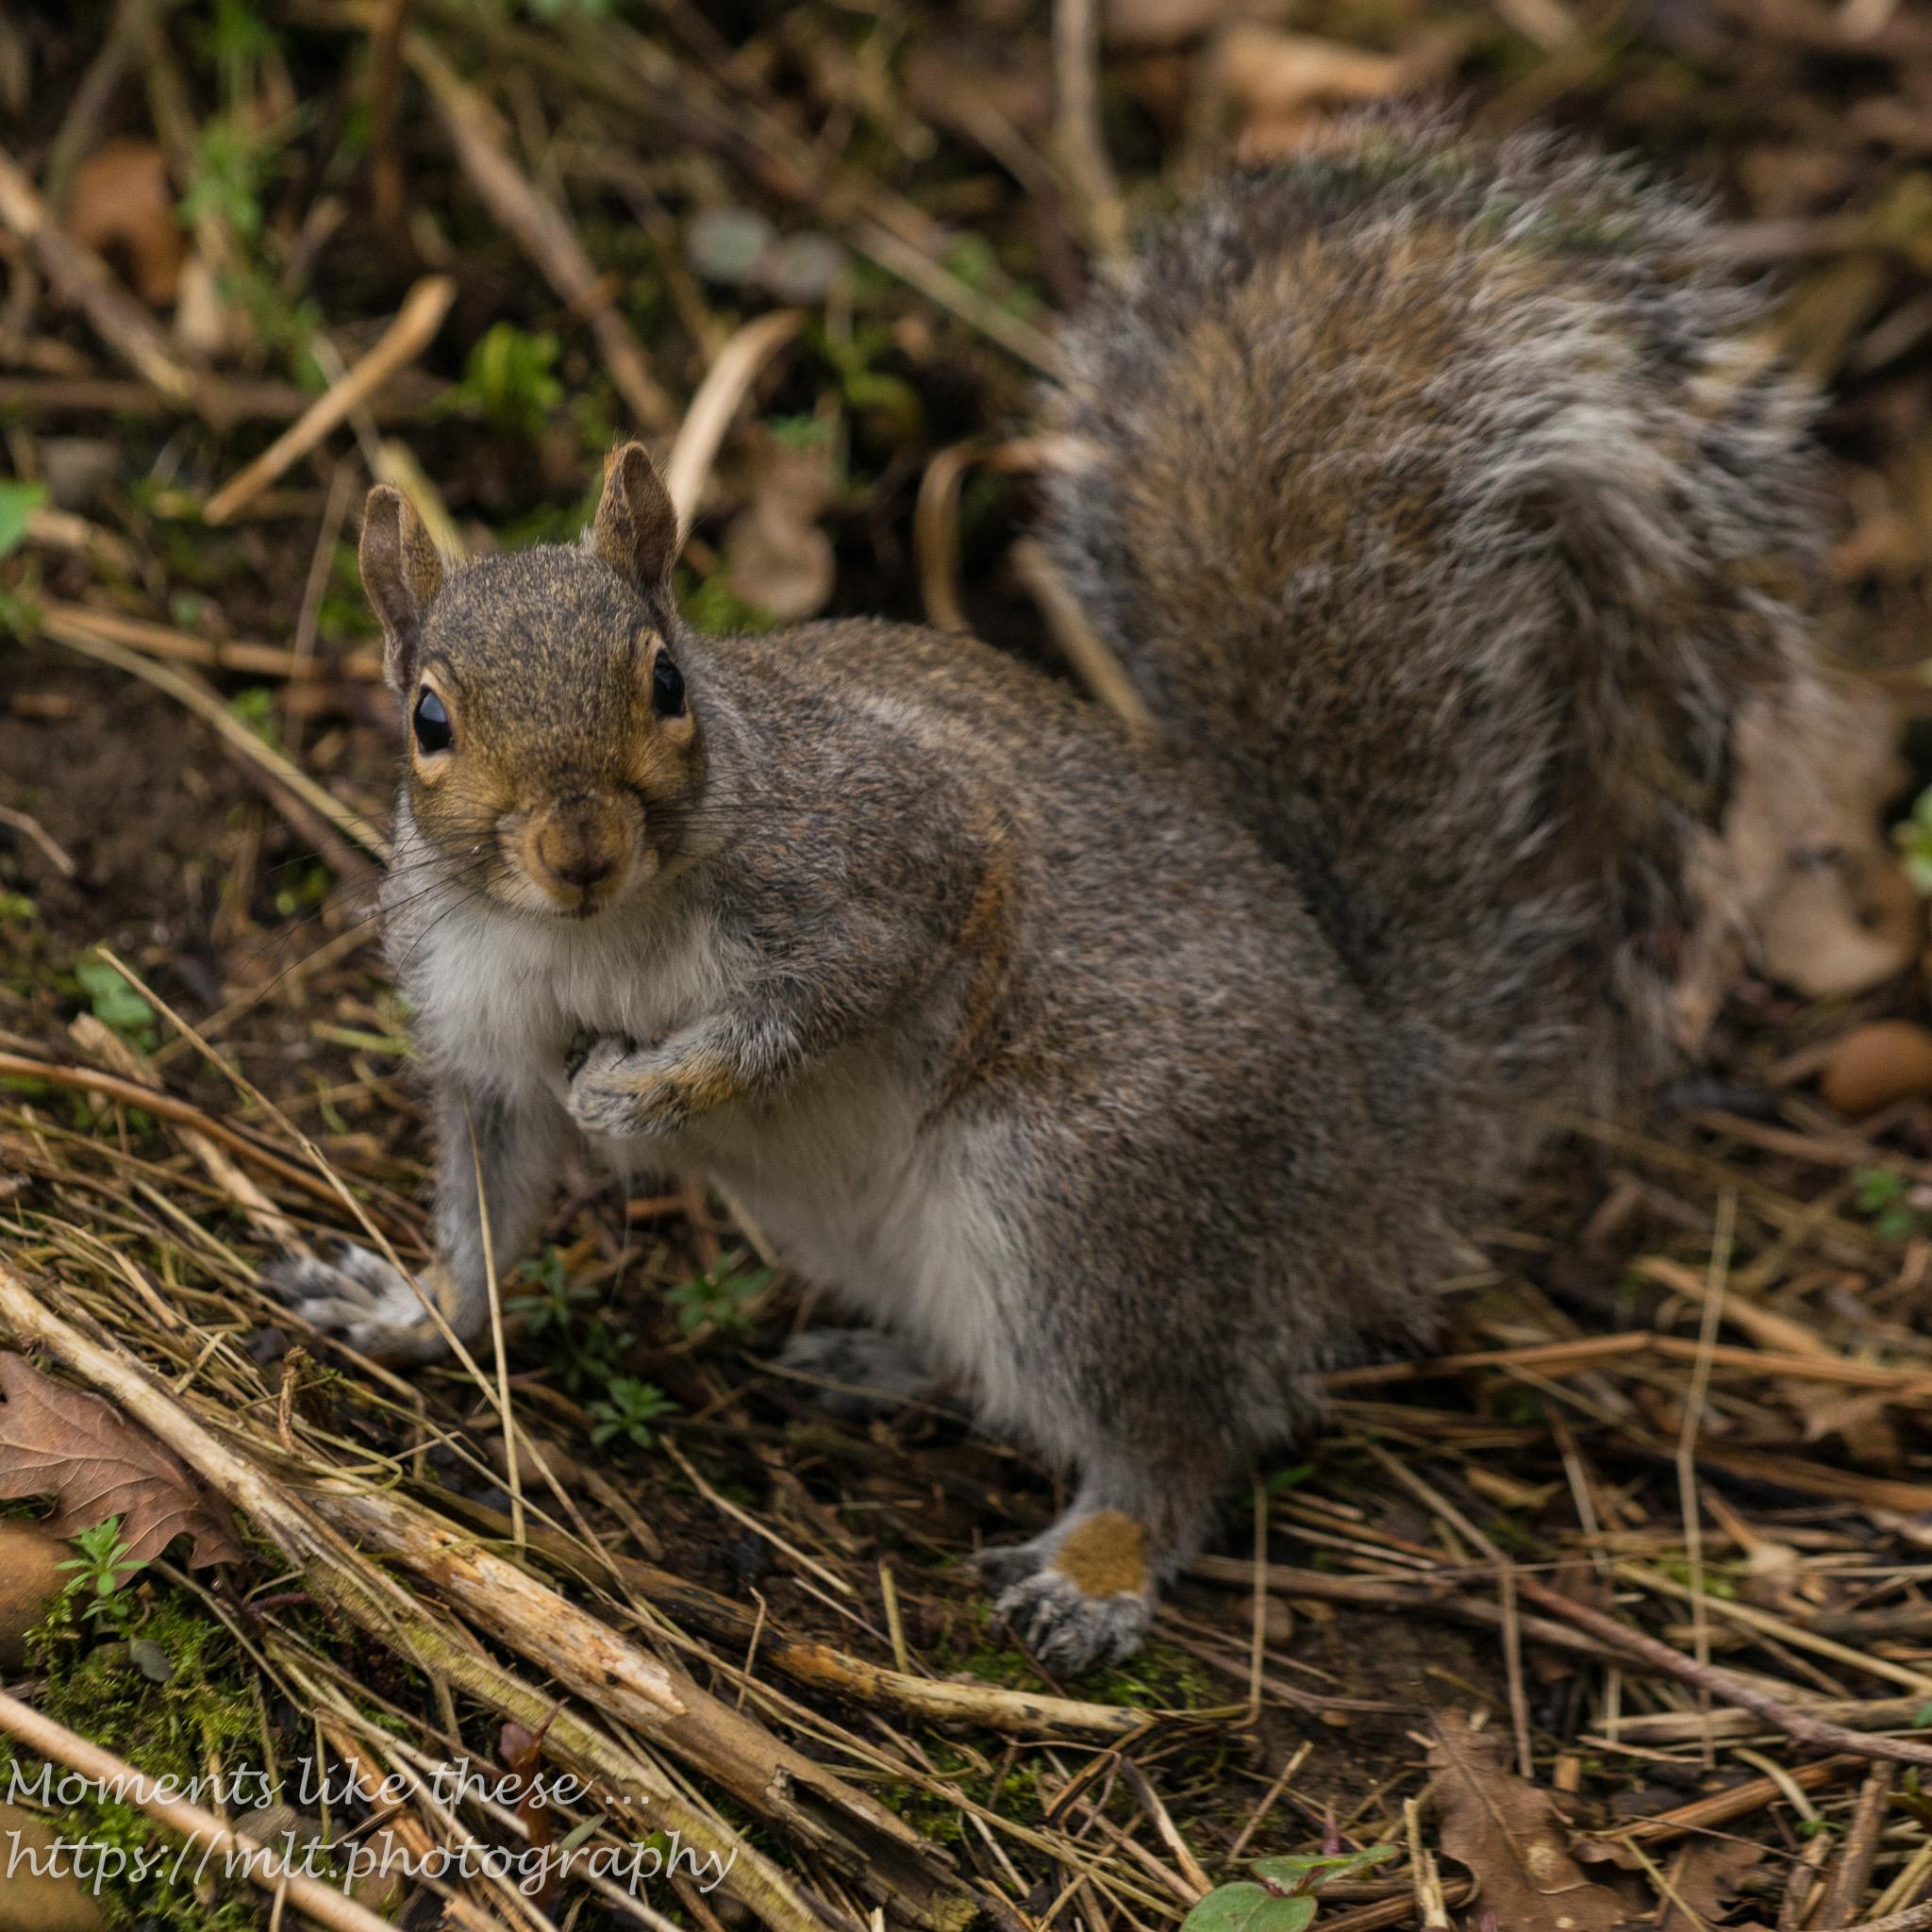 Squirrel surprise